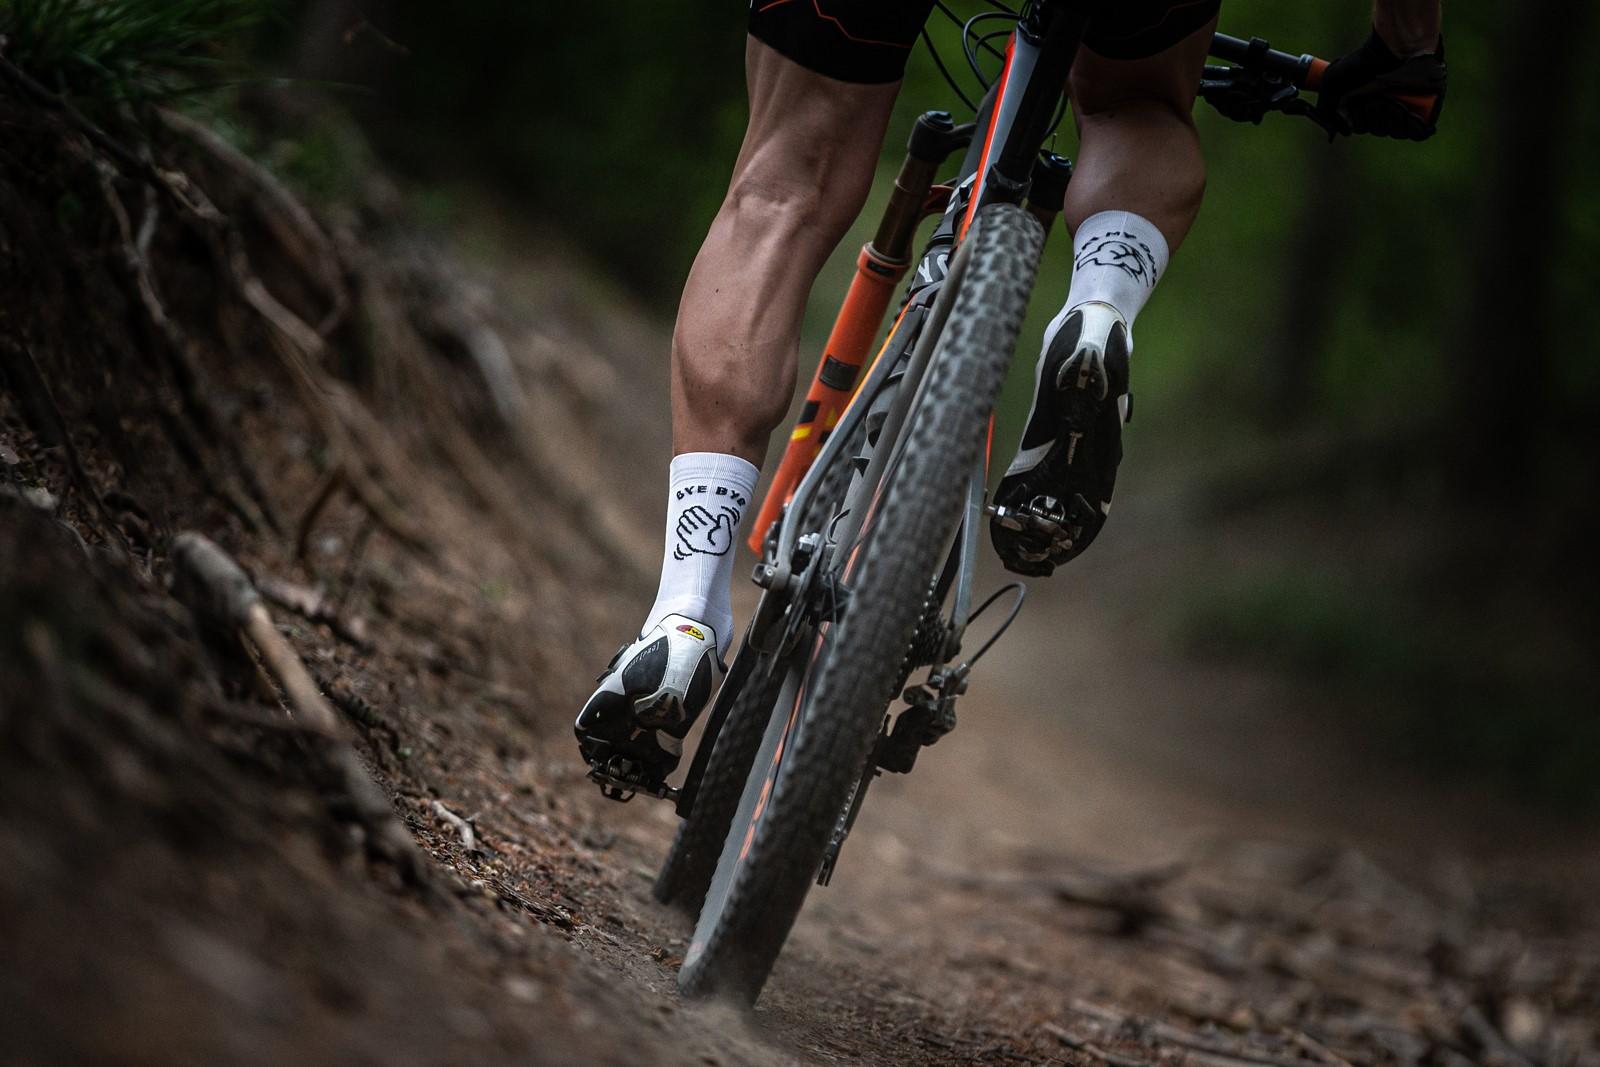 Intervalový trénink dodá nohám patřičnou sílu a žádané zlepšení. Foto: Michal Červený